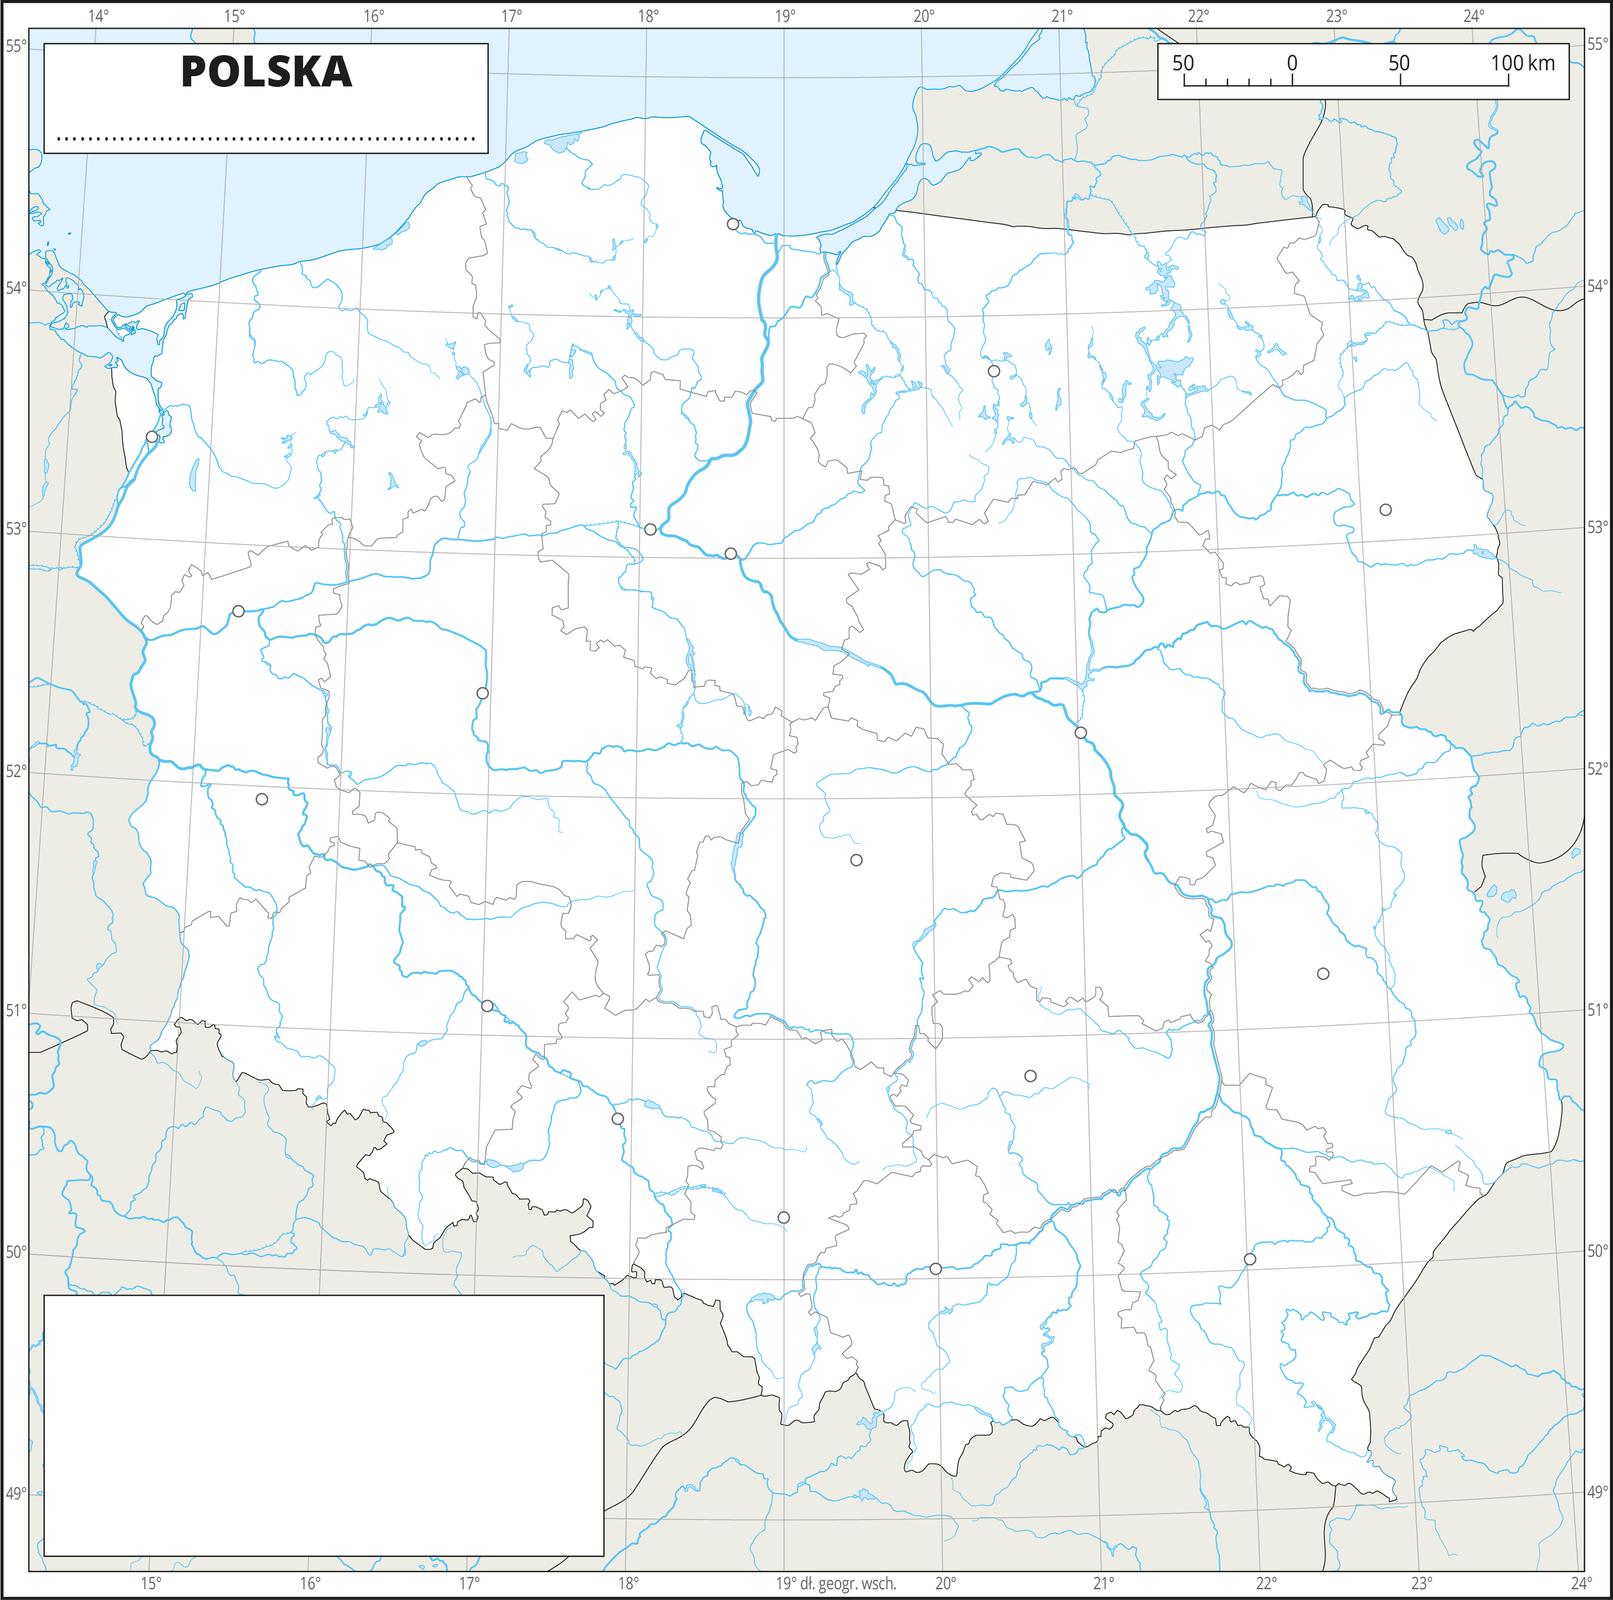 Ilustracja przedstawia konturową mapę Polski zpodziałem na województwa. Na mapie przedstawiono hydrografię, granice województw, sygnatury miast wojewódzkich.Dookoła mapy wbiałej ramce opisano współrzędne geograficzne co jeden stopień. Wprawym, górnym rogu znajduje się podziałka liniowa.